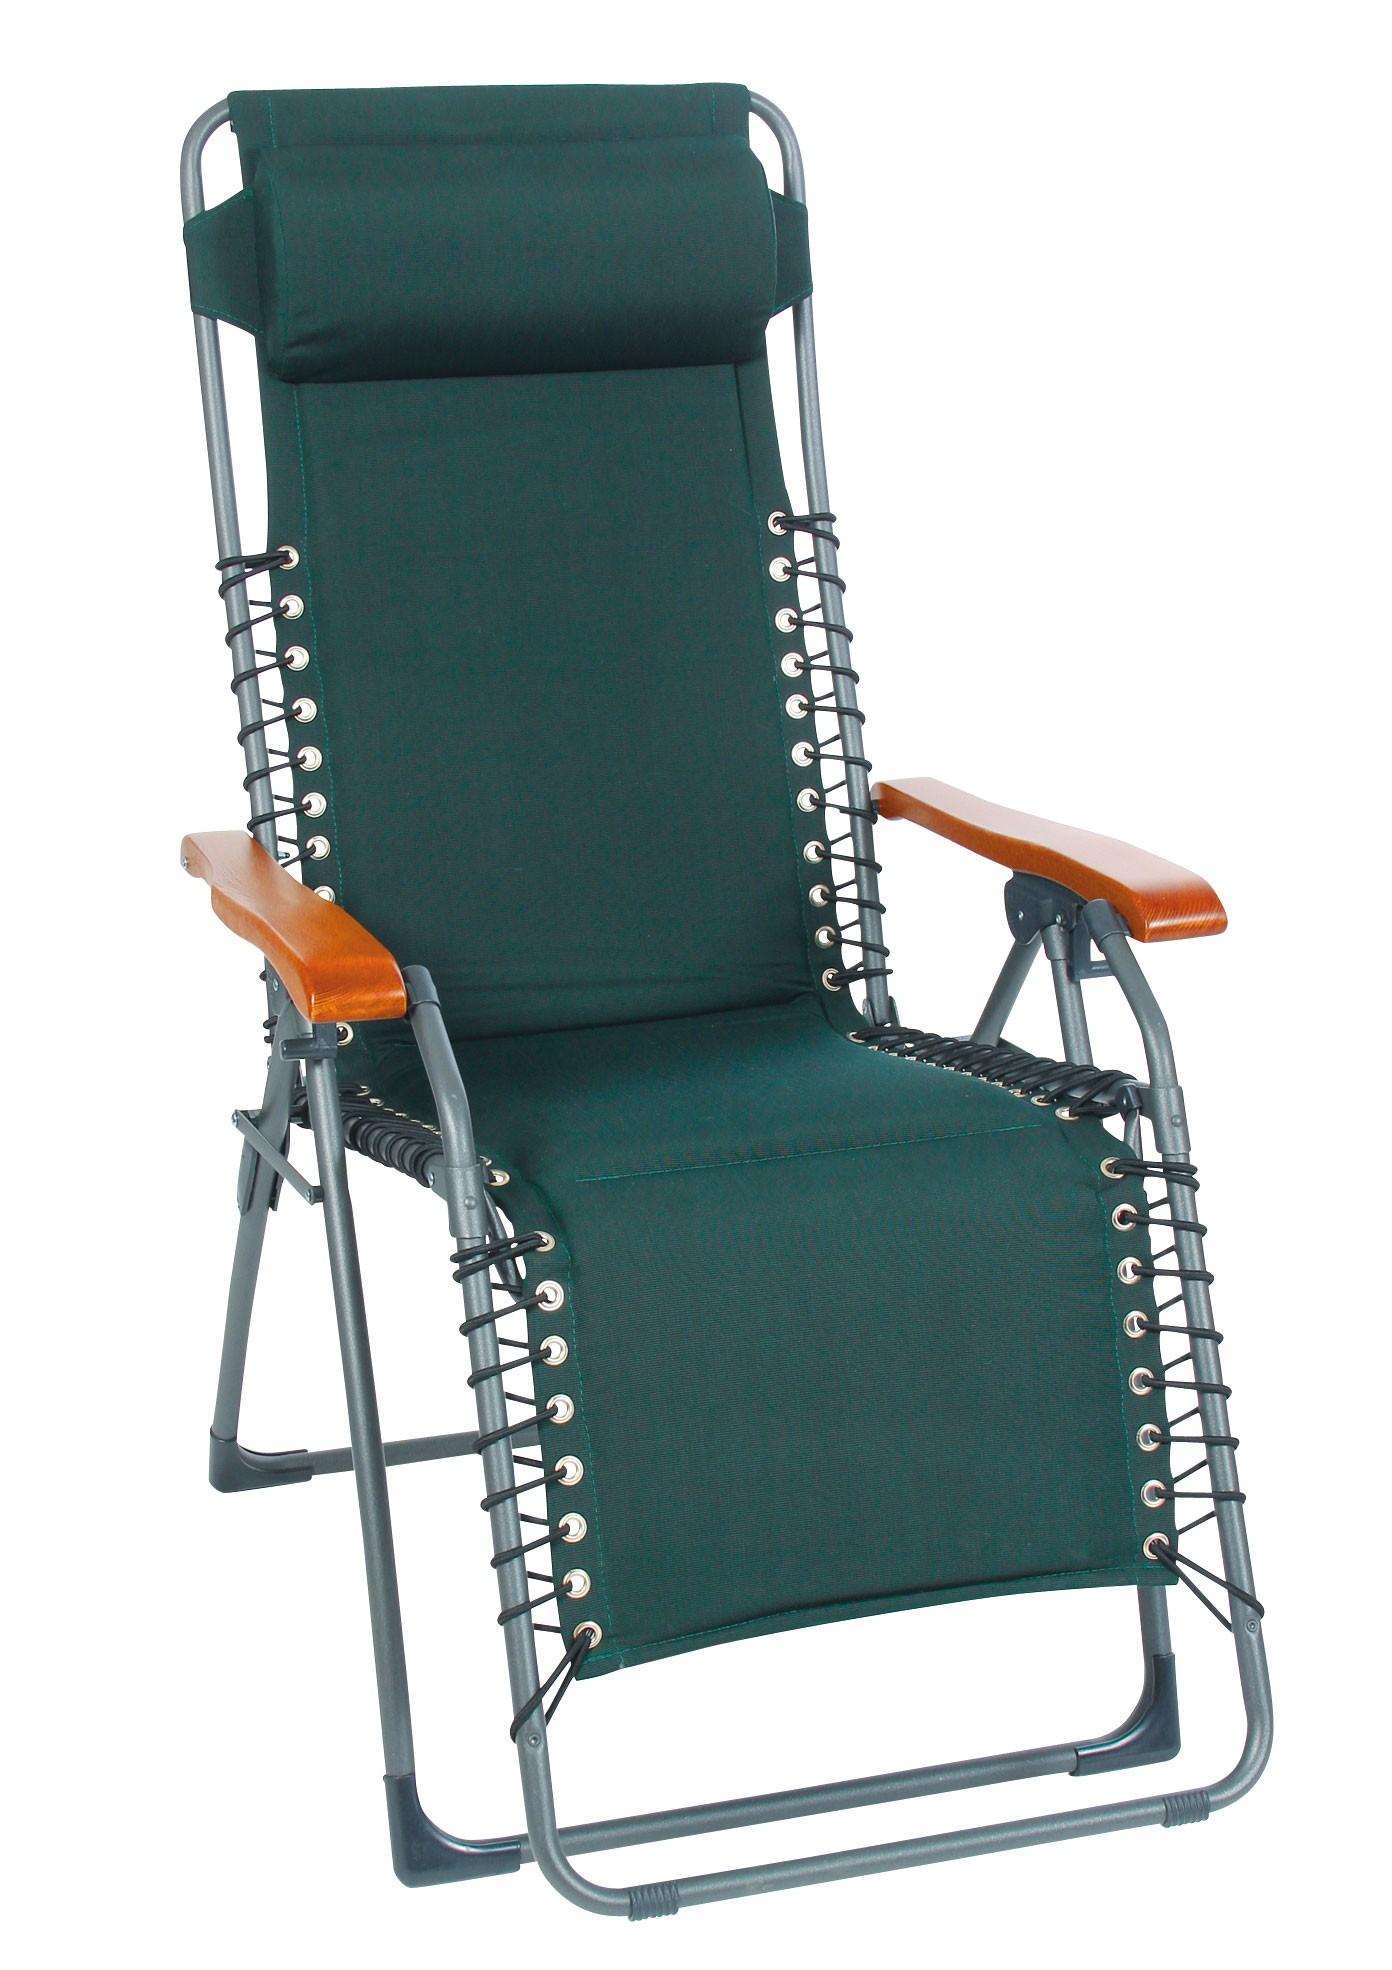 Kettler Gartenmobel Ingolstadt : Relaxsessel  Relaxliege Stahl OASI Petra XL Textilen grün  bei